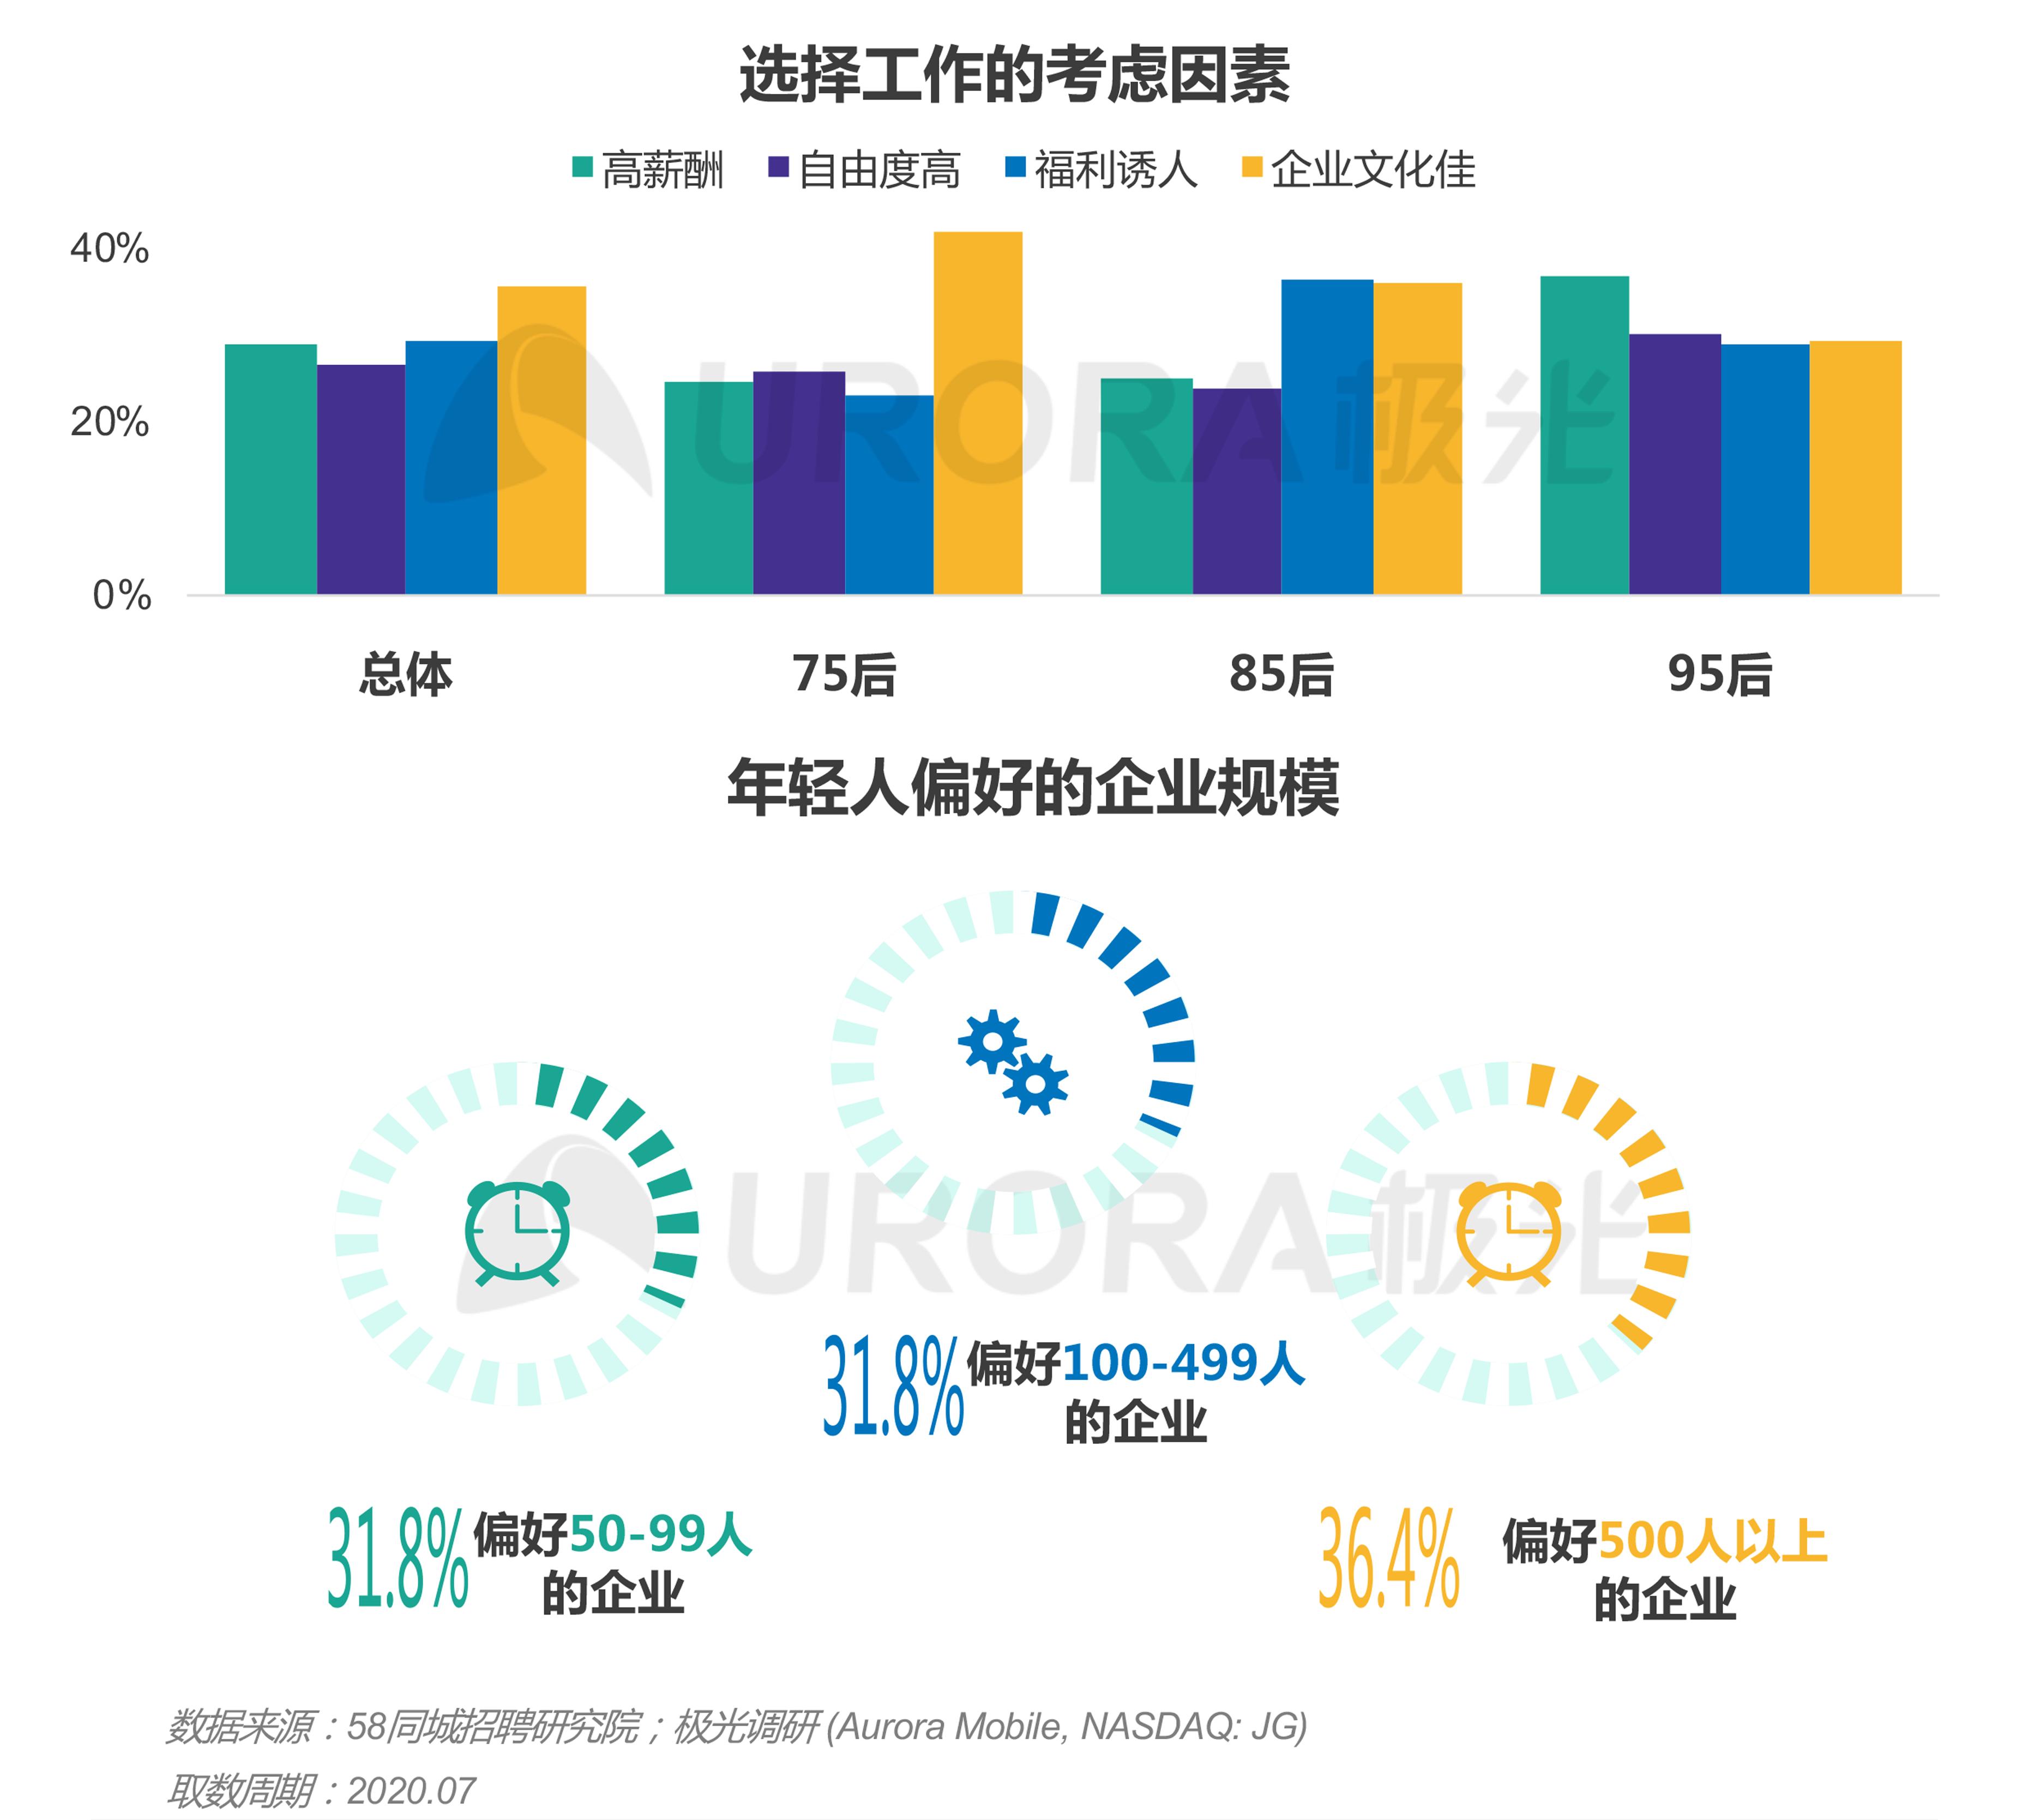 """""""超职季""""招聘行业报告-年轻人求职篇 (7).png"""